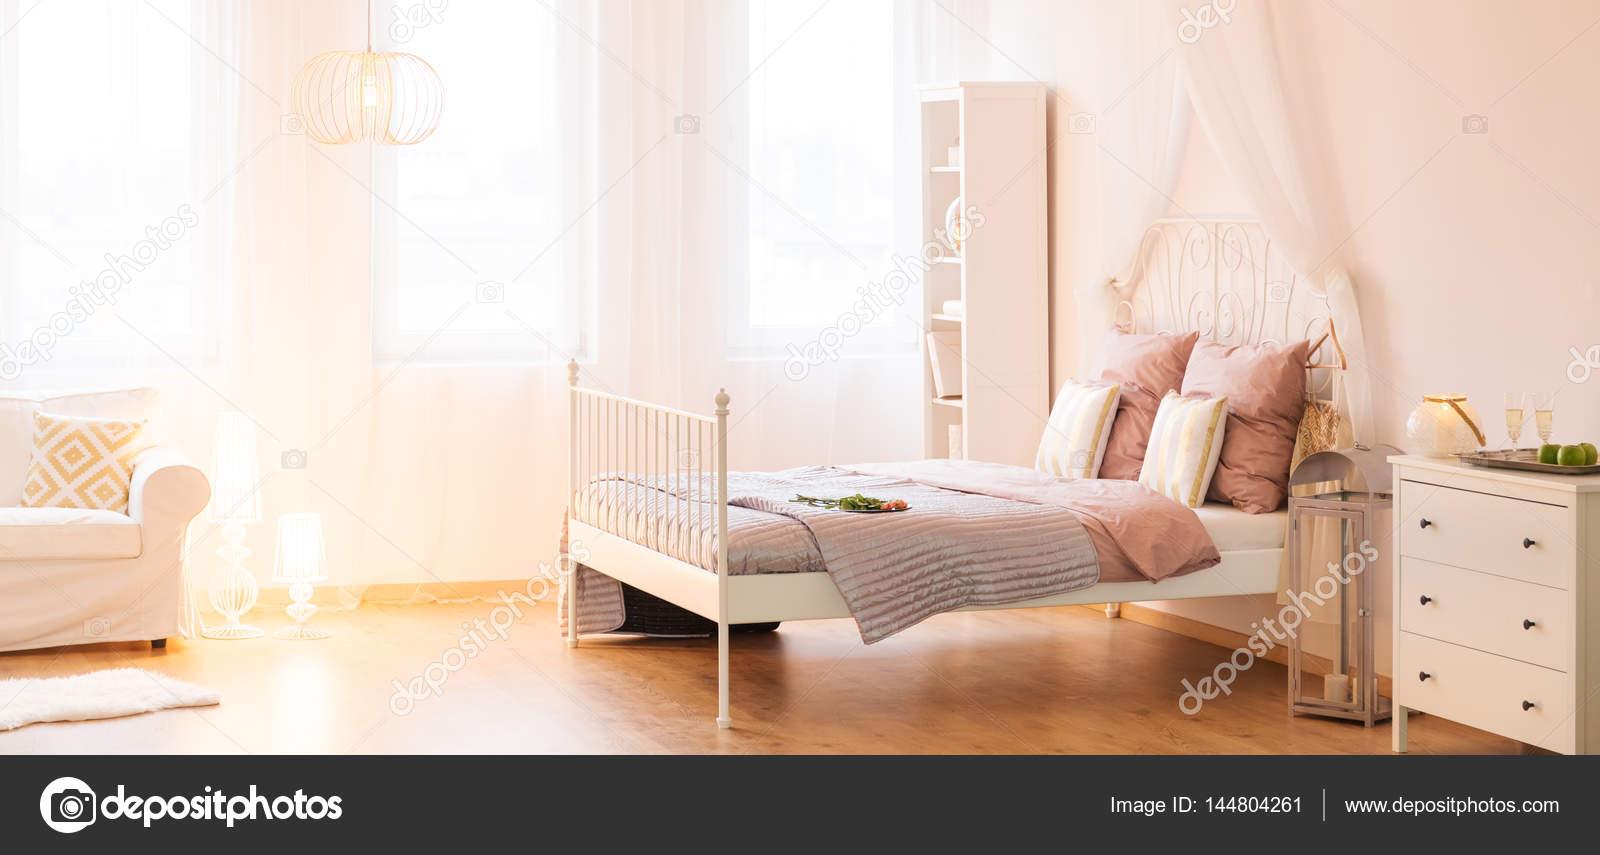 Camere Da Letto Con Letto A Baldacchino : Elegante camera da letto con letto a baldacchino u2014 foto stock